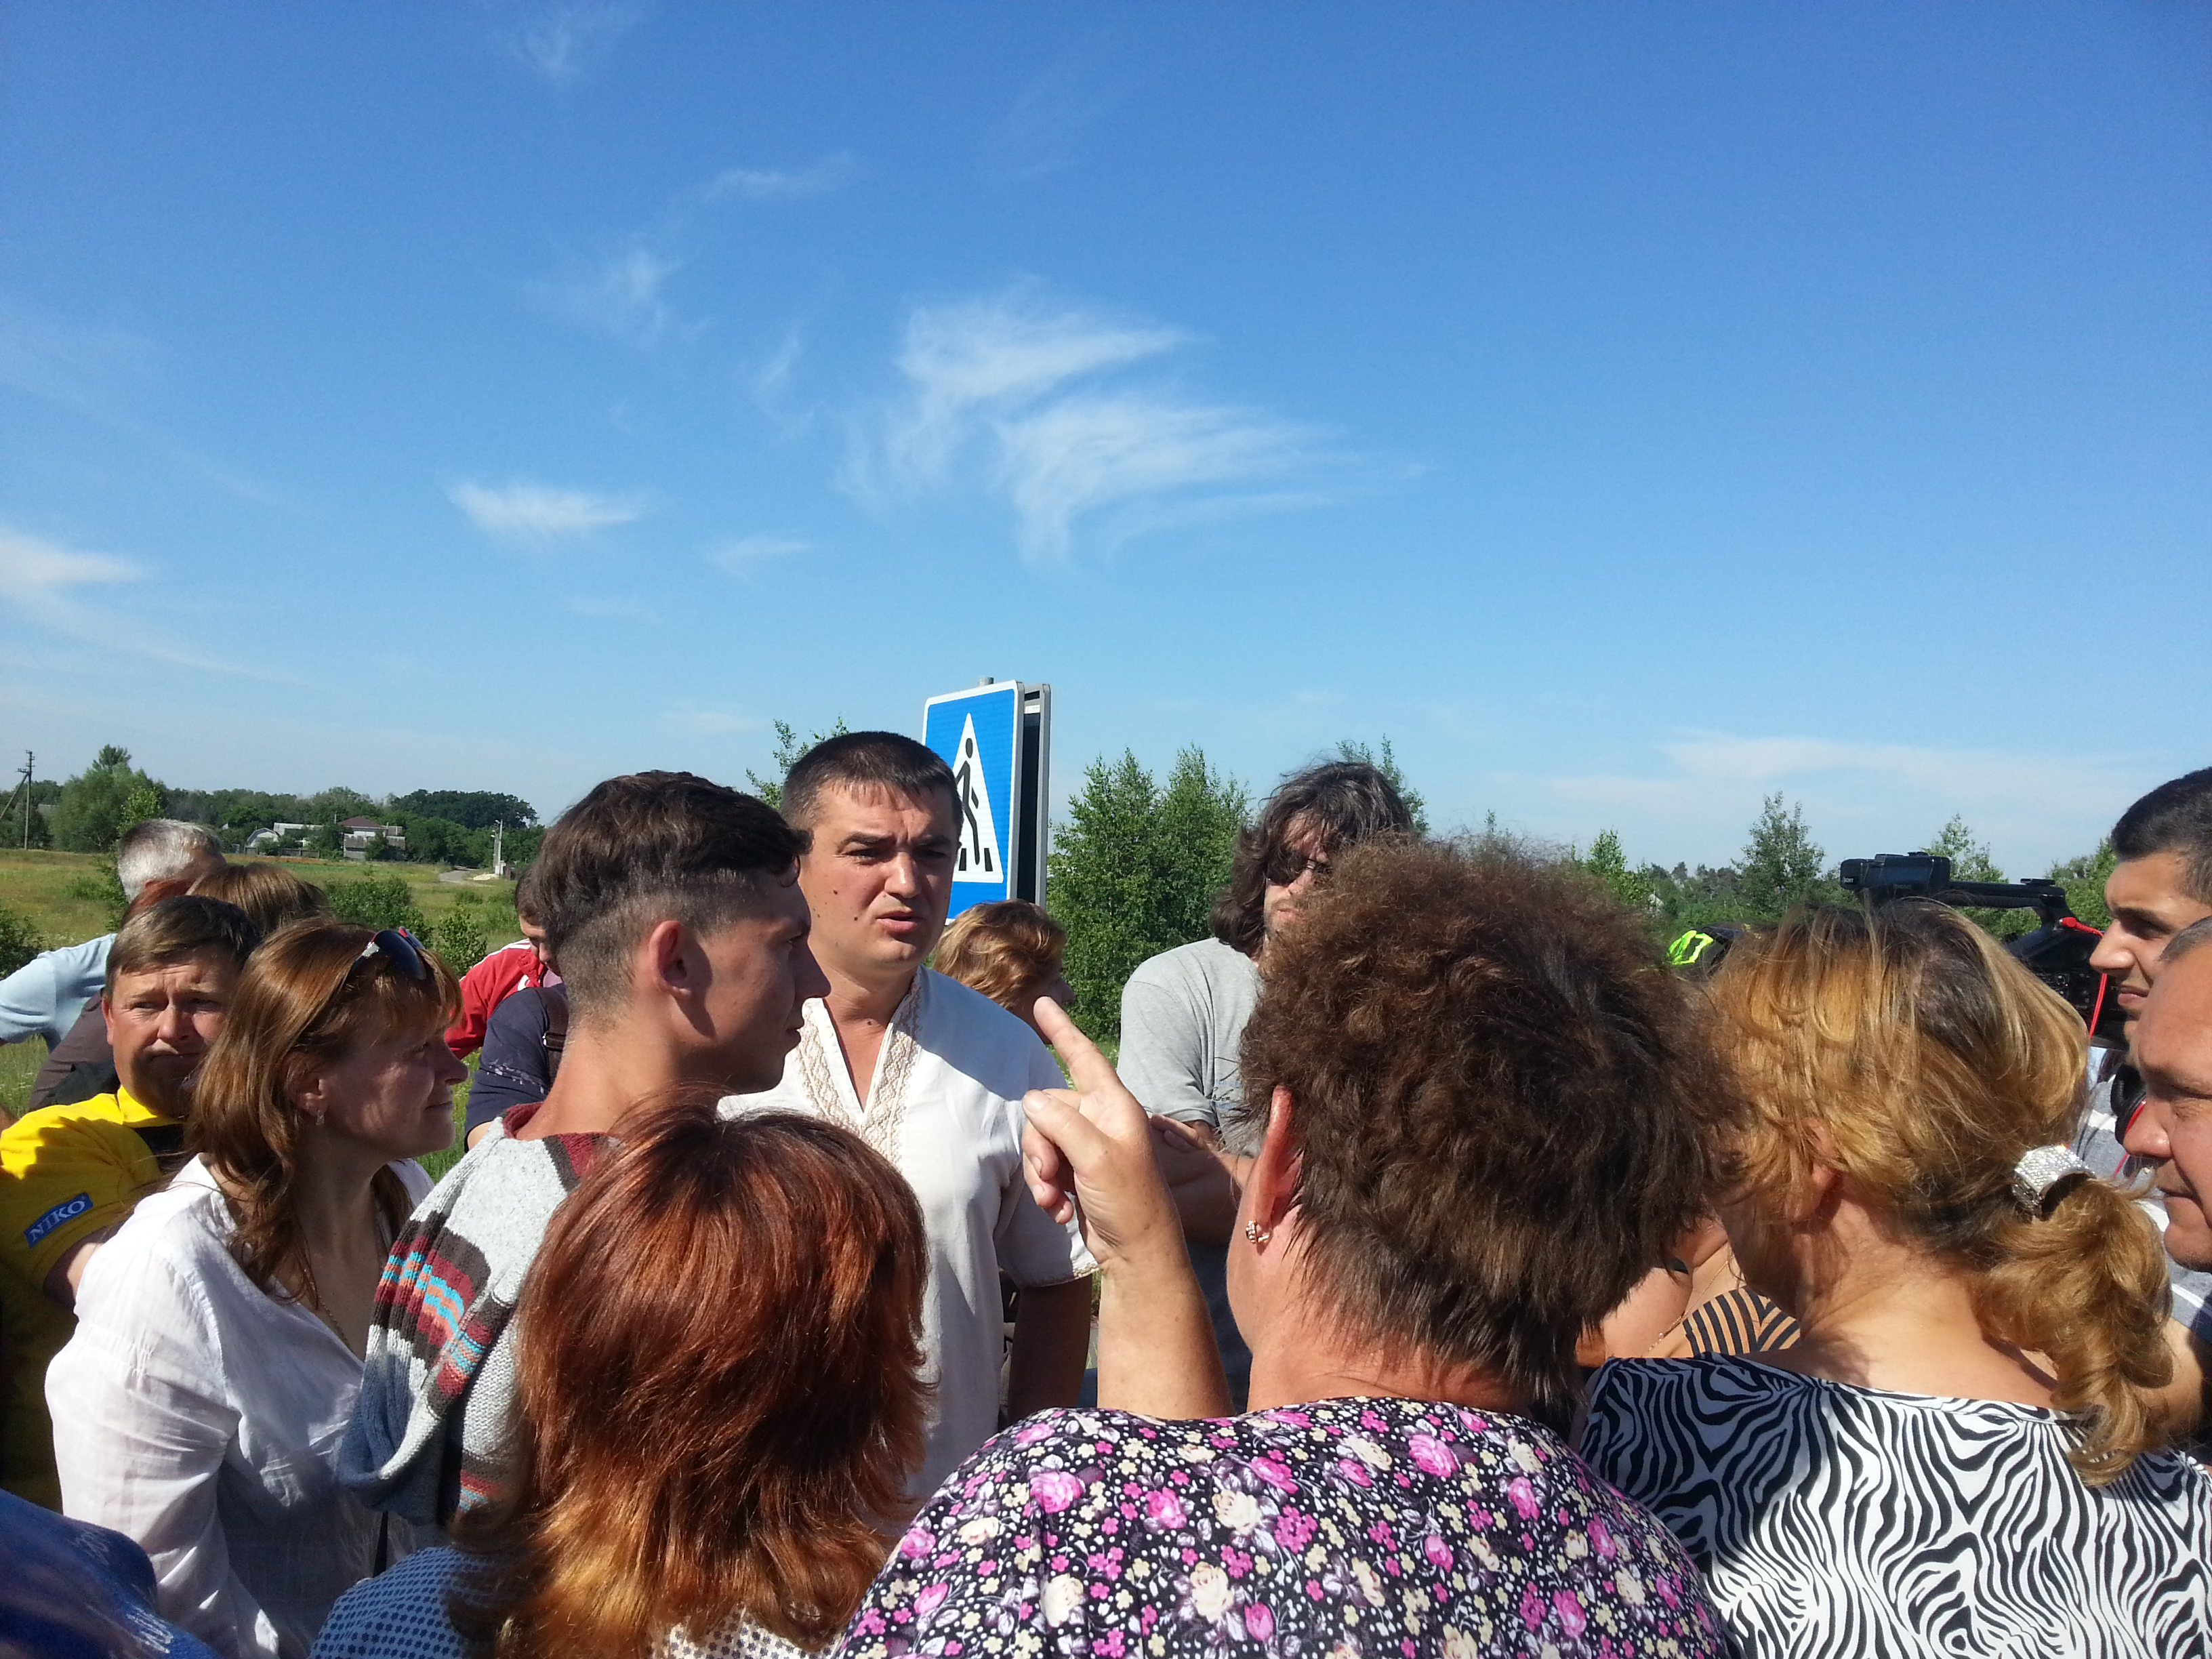 0406_voda_6 У проблемі з водою в Клавдієво-Тарасове знайшли винного